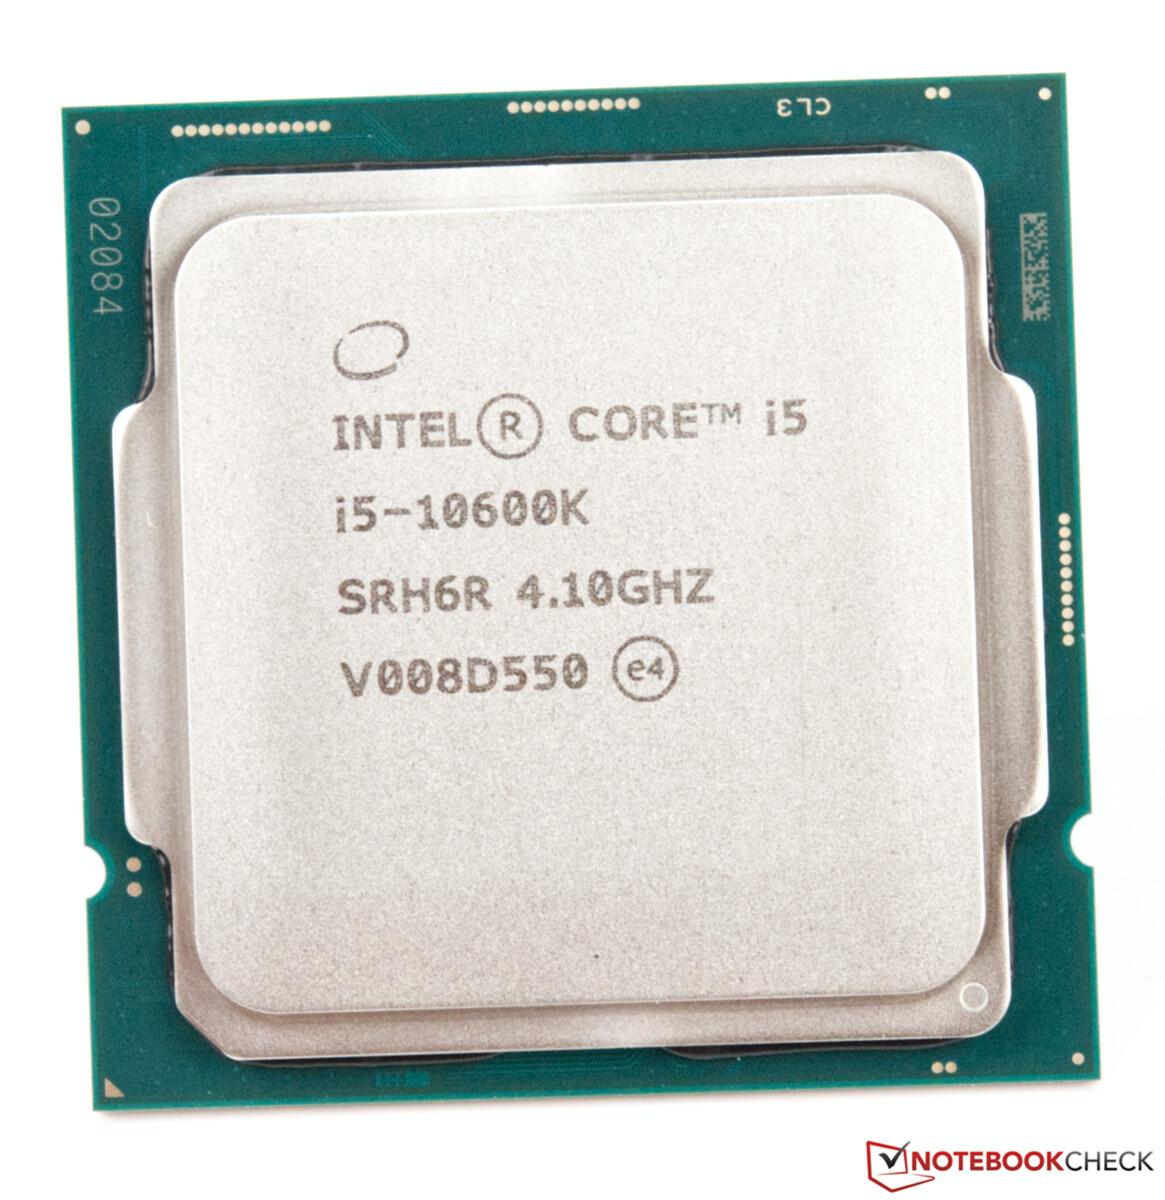 Intel Core I9 10900k Vs Intel Core I5 10600k